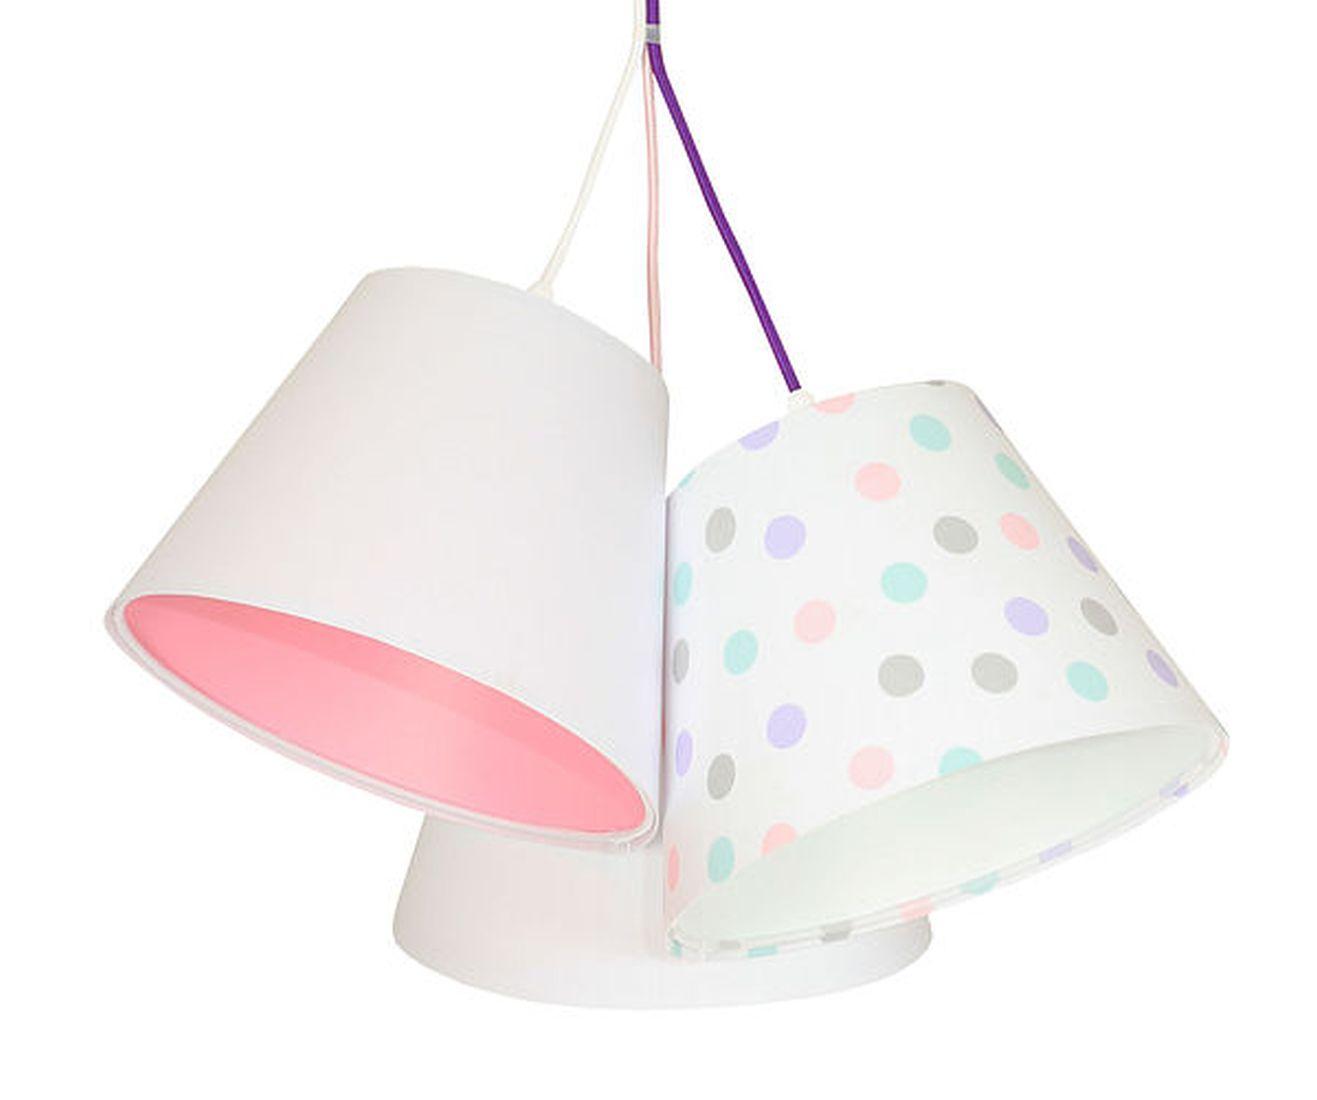 Kinderzimmerlampe SAMY Weiß Rosa gepunktet 3-flmg